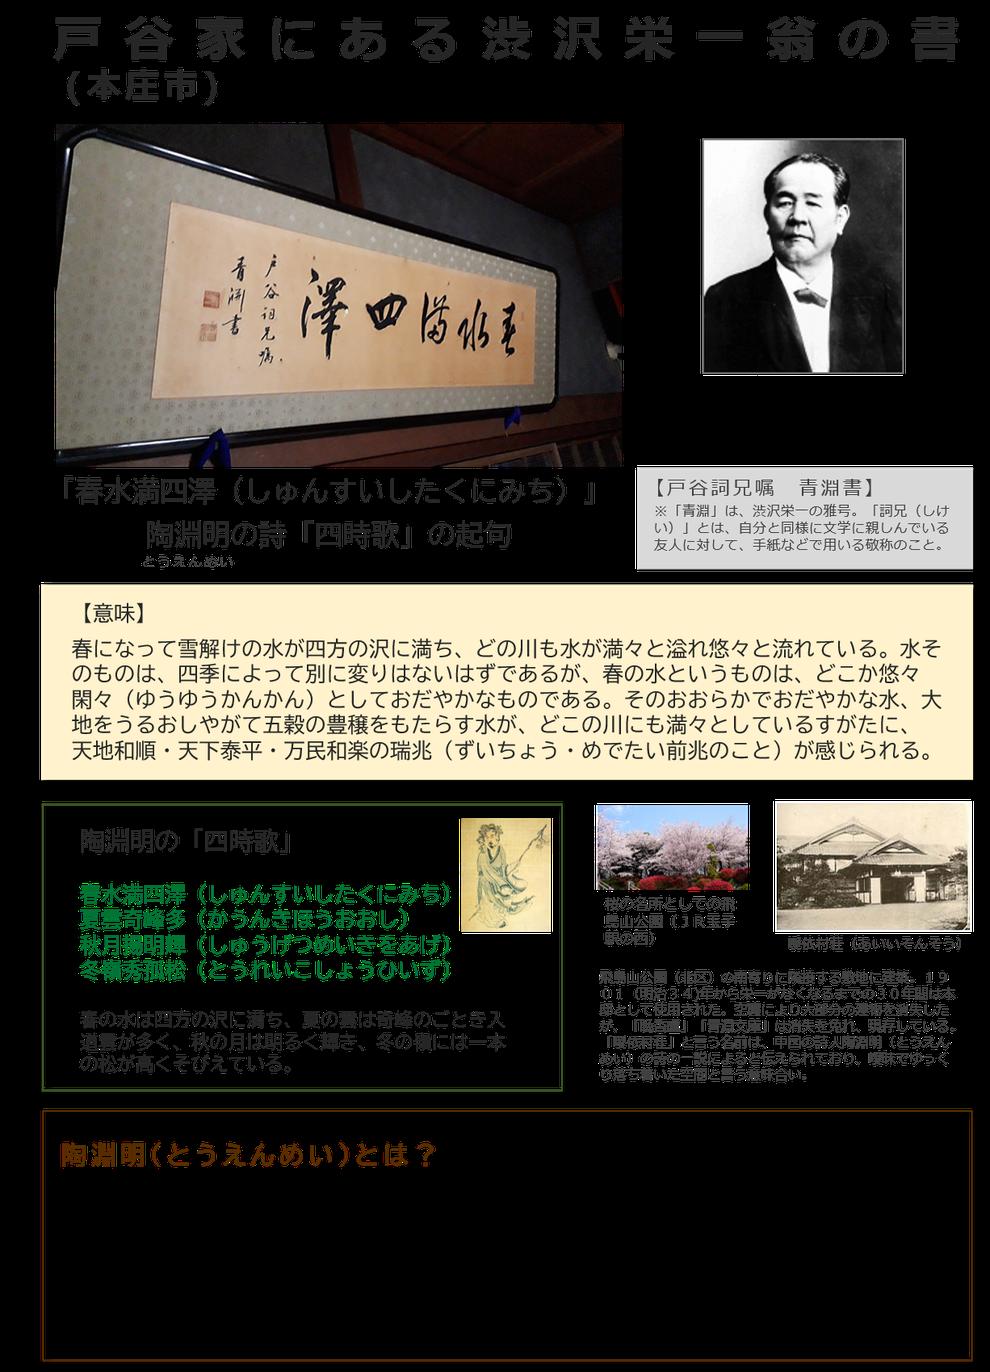 渋沢栄一の書についての説明画像